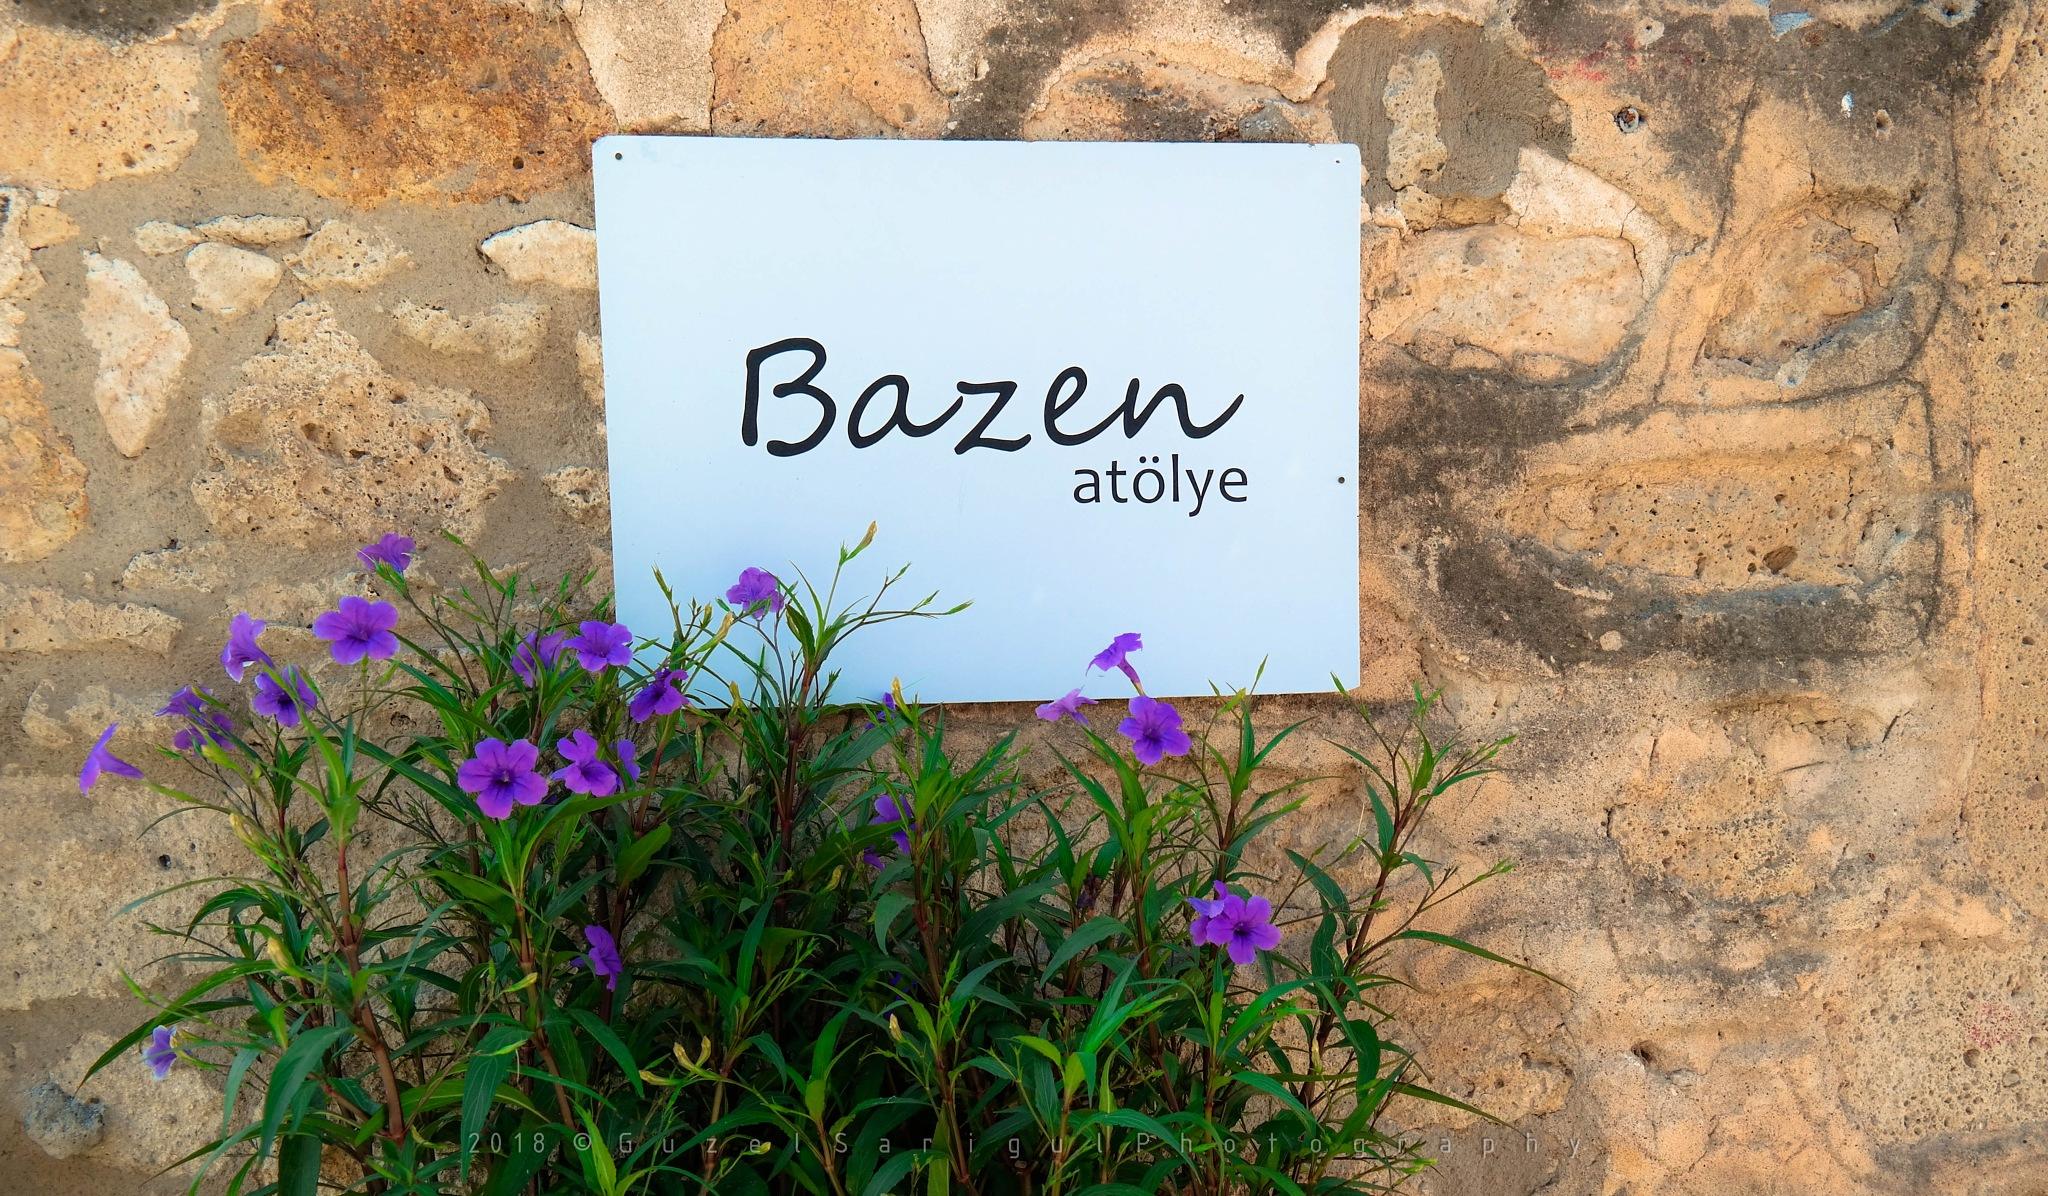 Bazen by Guzel Sarigul